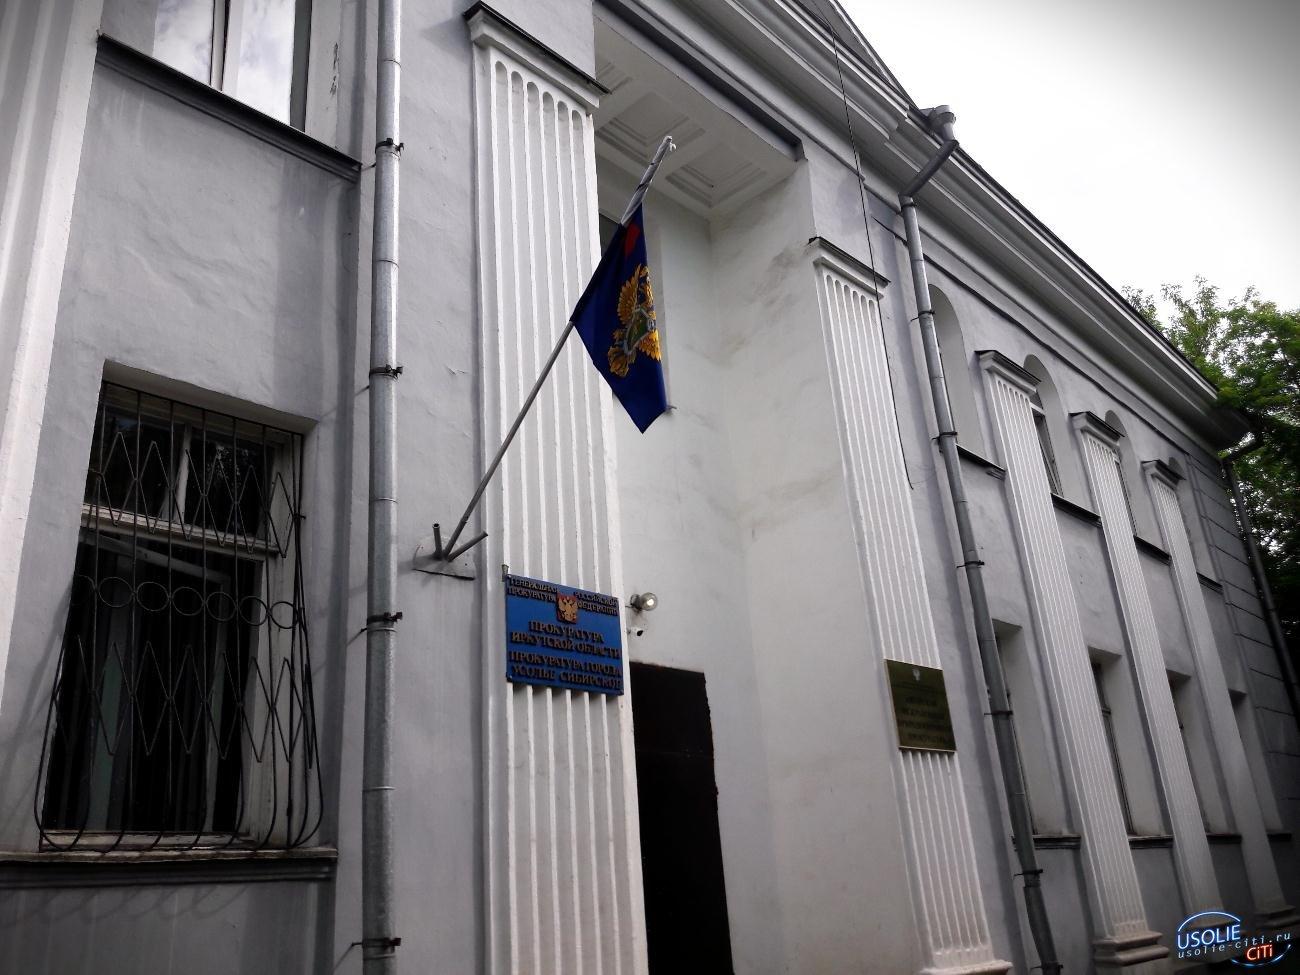 Прокуратура Усолья разъясняет: Что ждёт взяточников